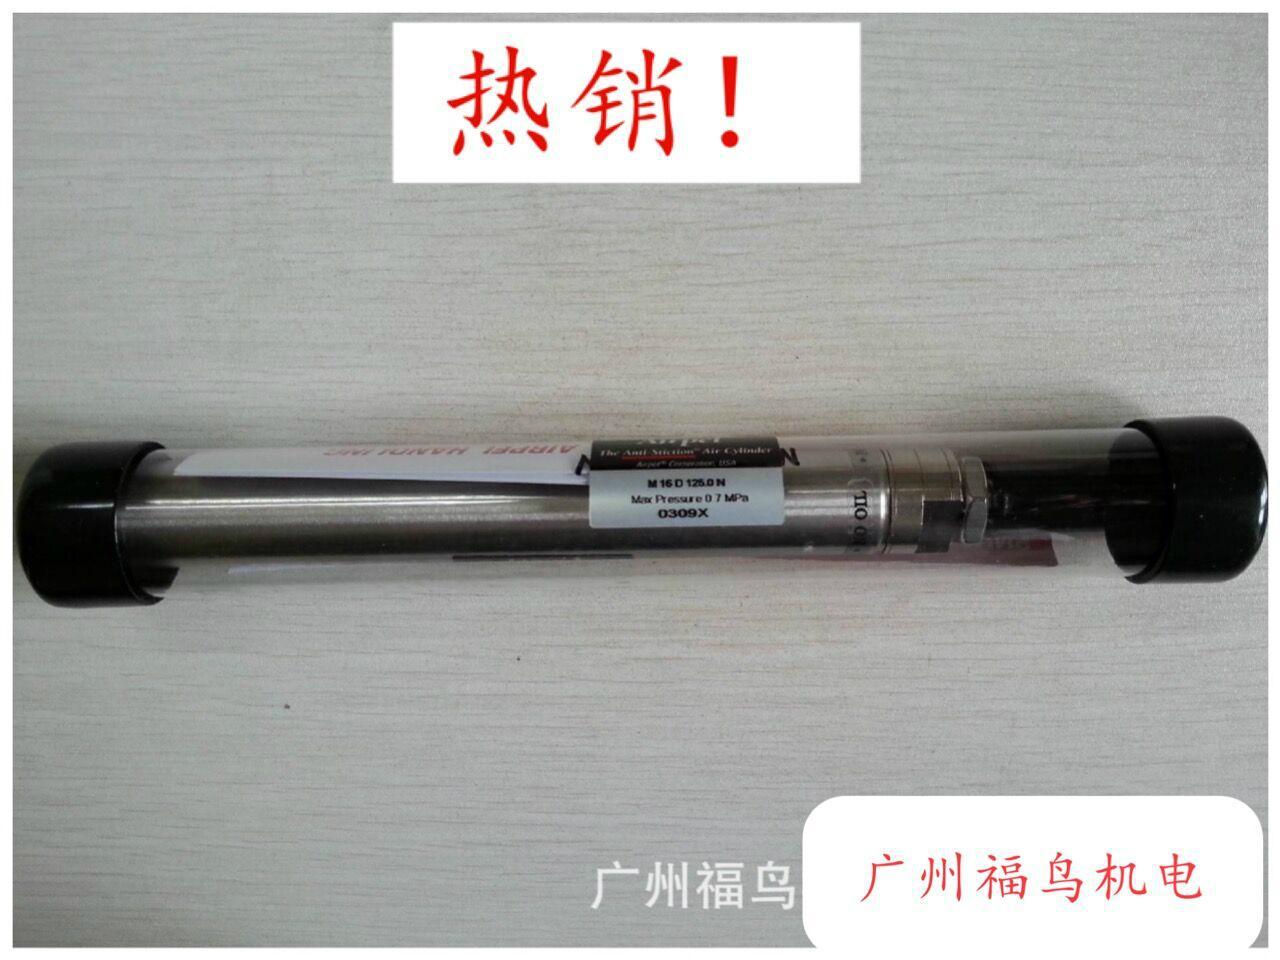 AIRPEL玻璃气缸, 型号: M16D125.0N